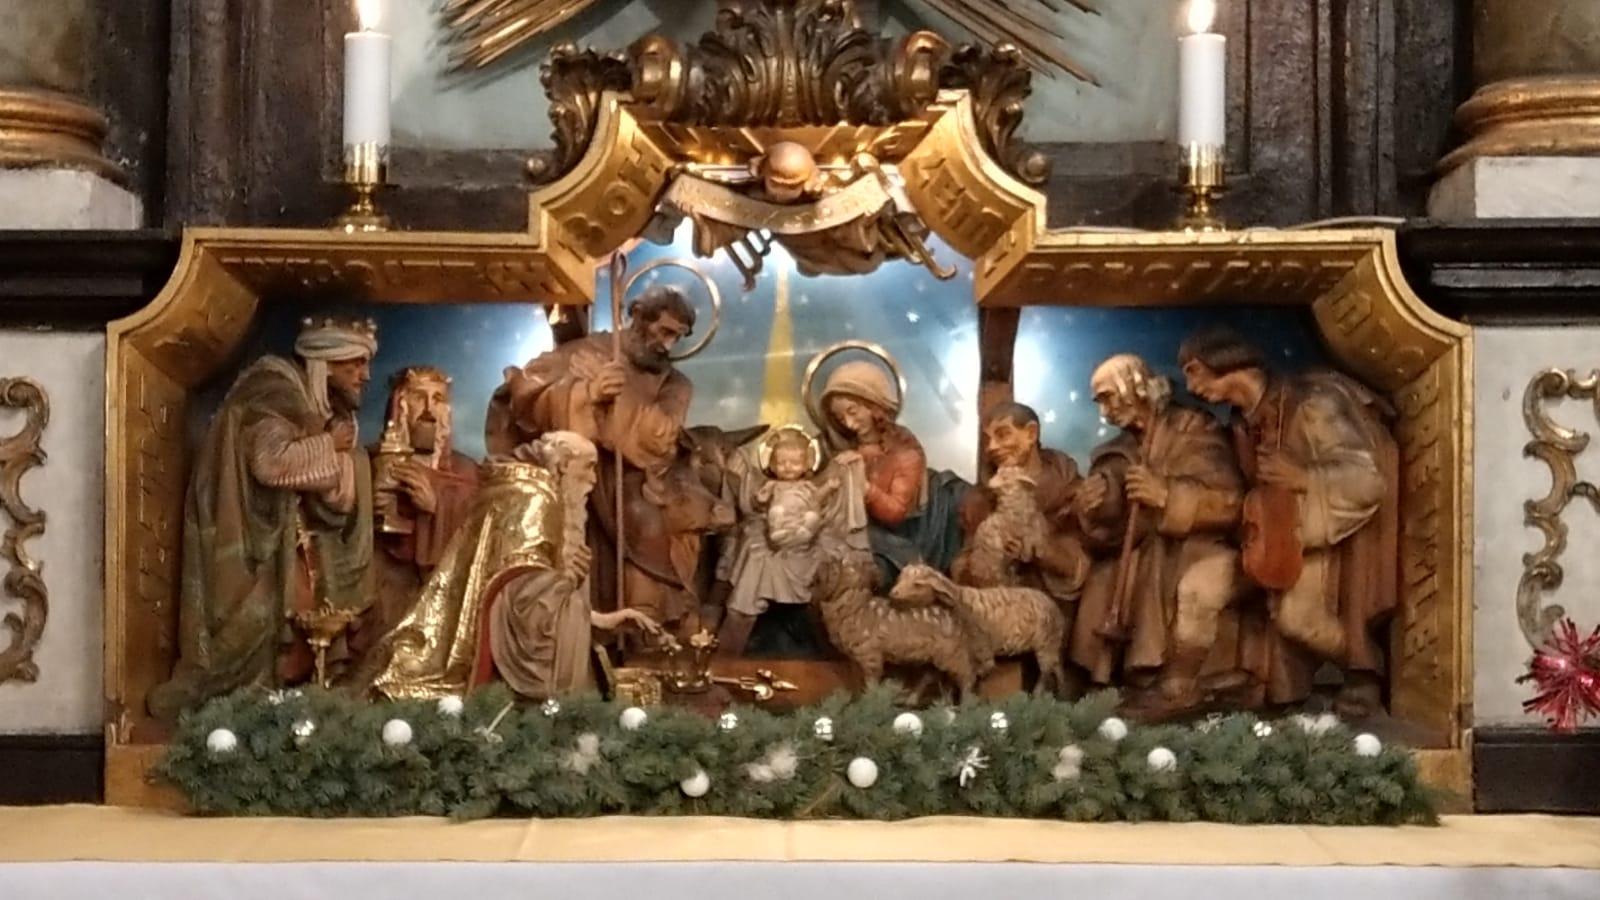 Lucerničky rozzářily půlnoční mši svatou v Kostele Sv. Petra na Poříčí v Praze